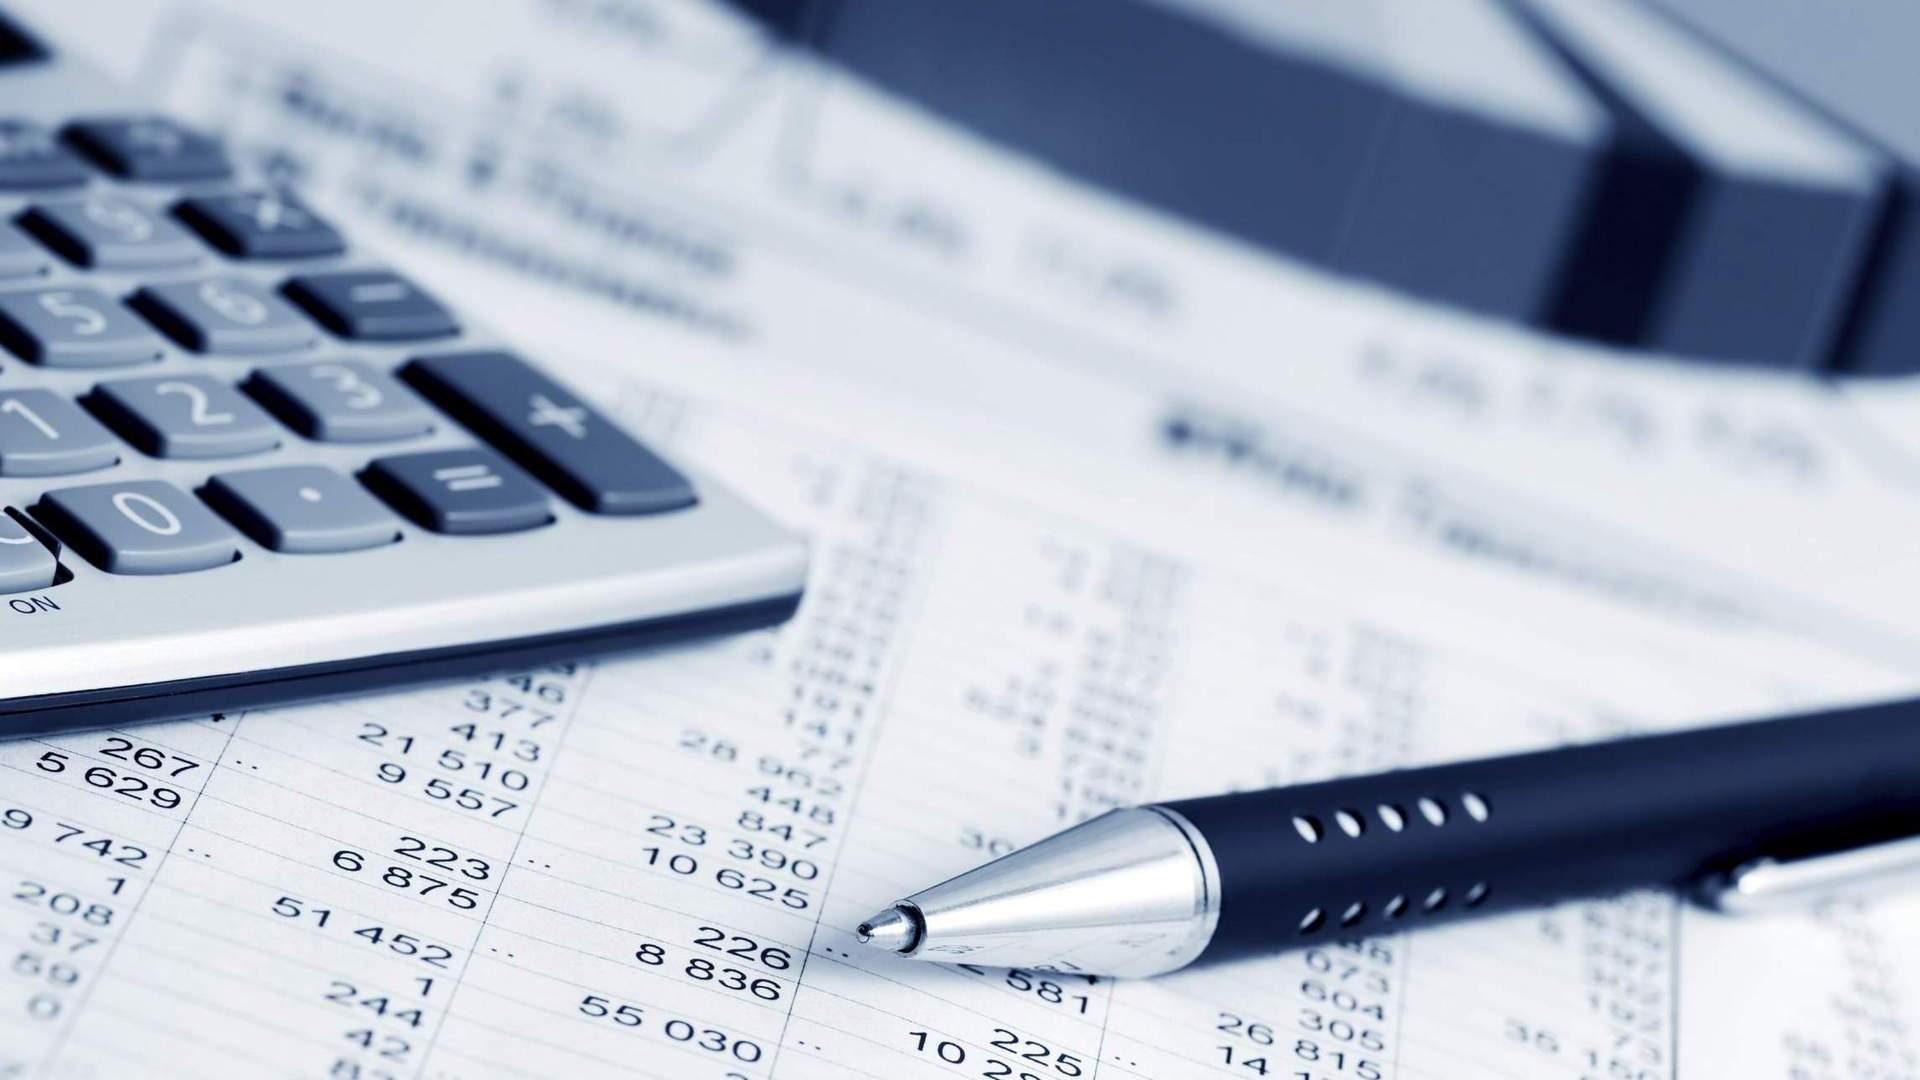 ипотечный калькулятор онлайн сбербанк оформить онлайн карточку кредитную